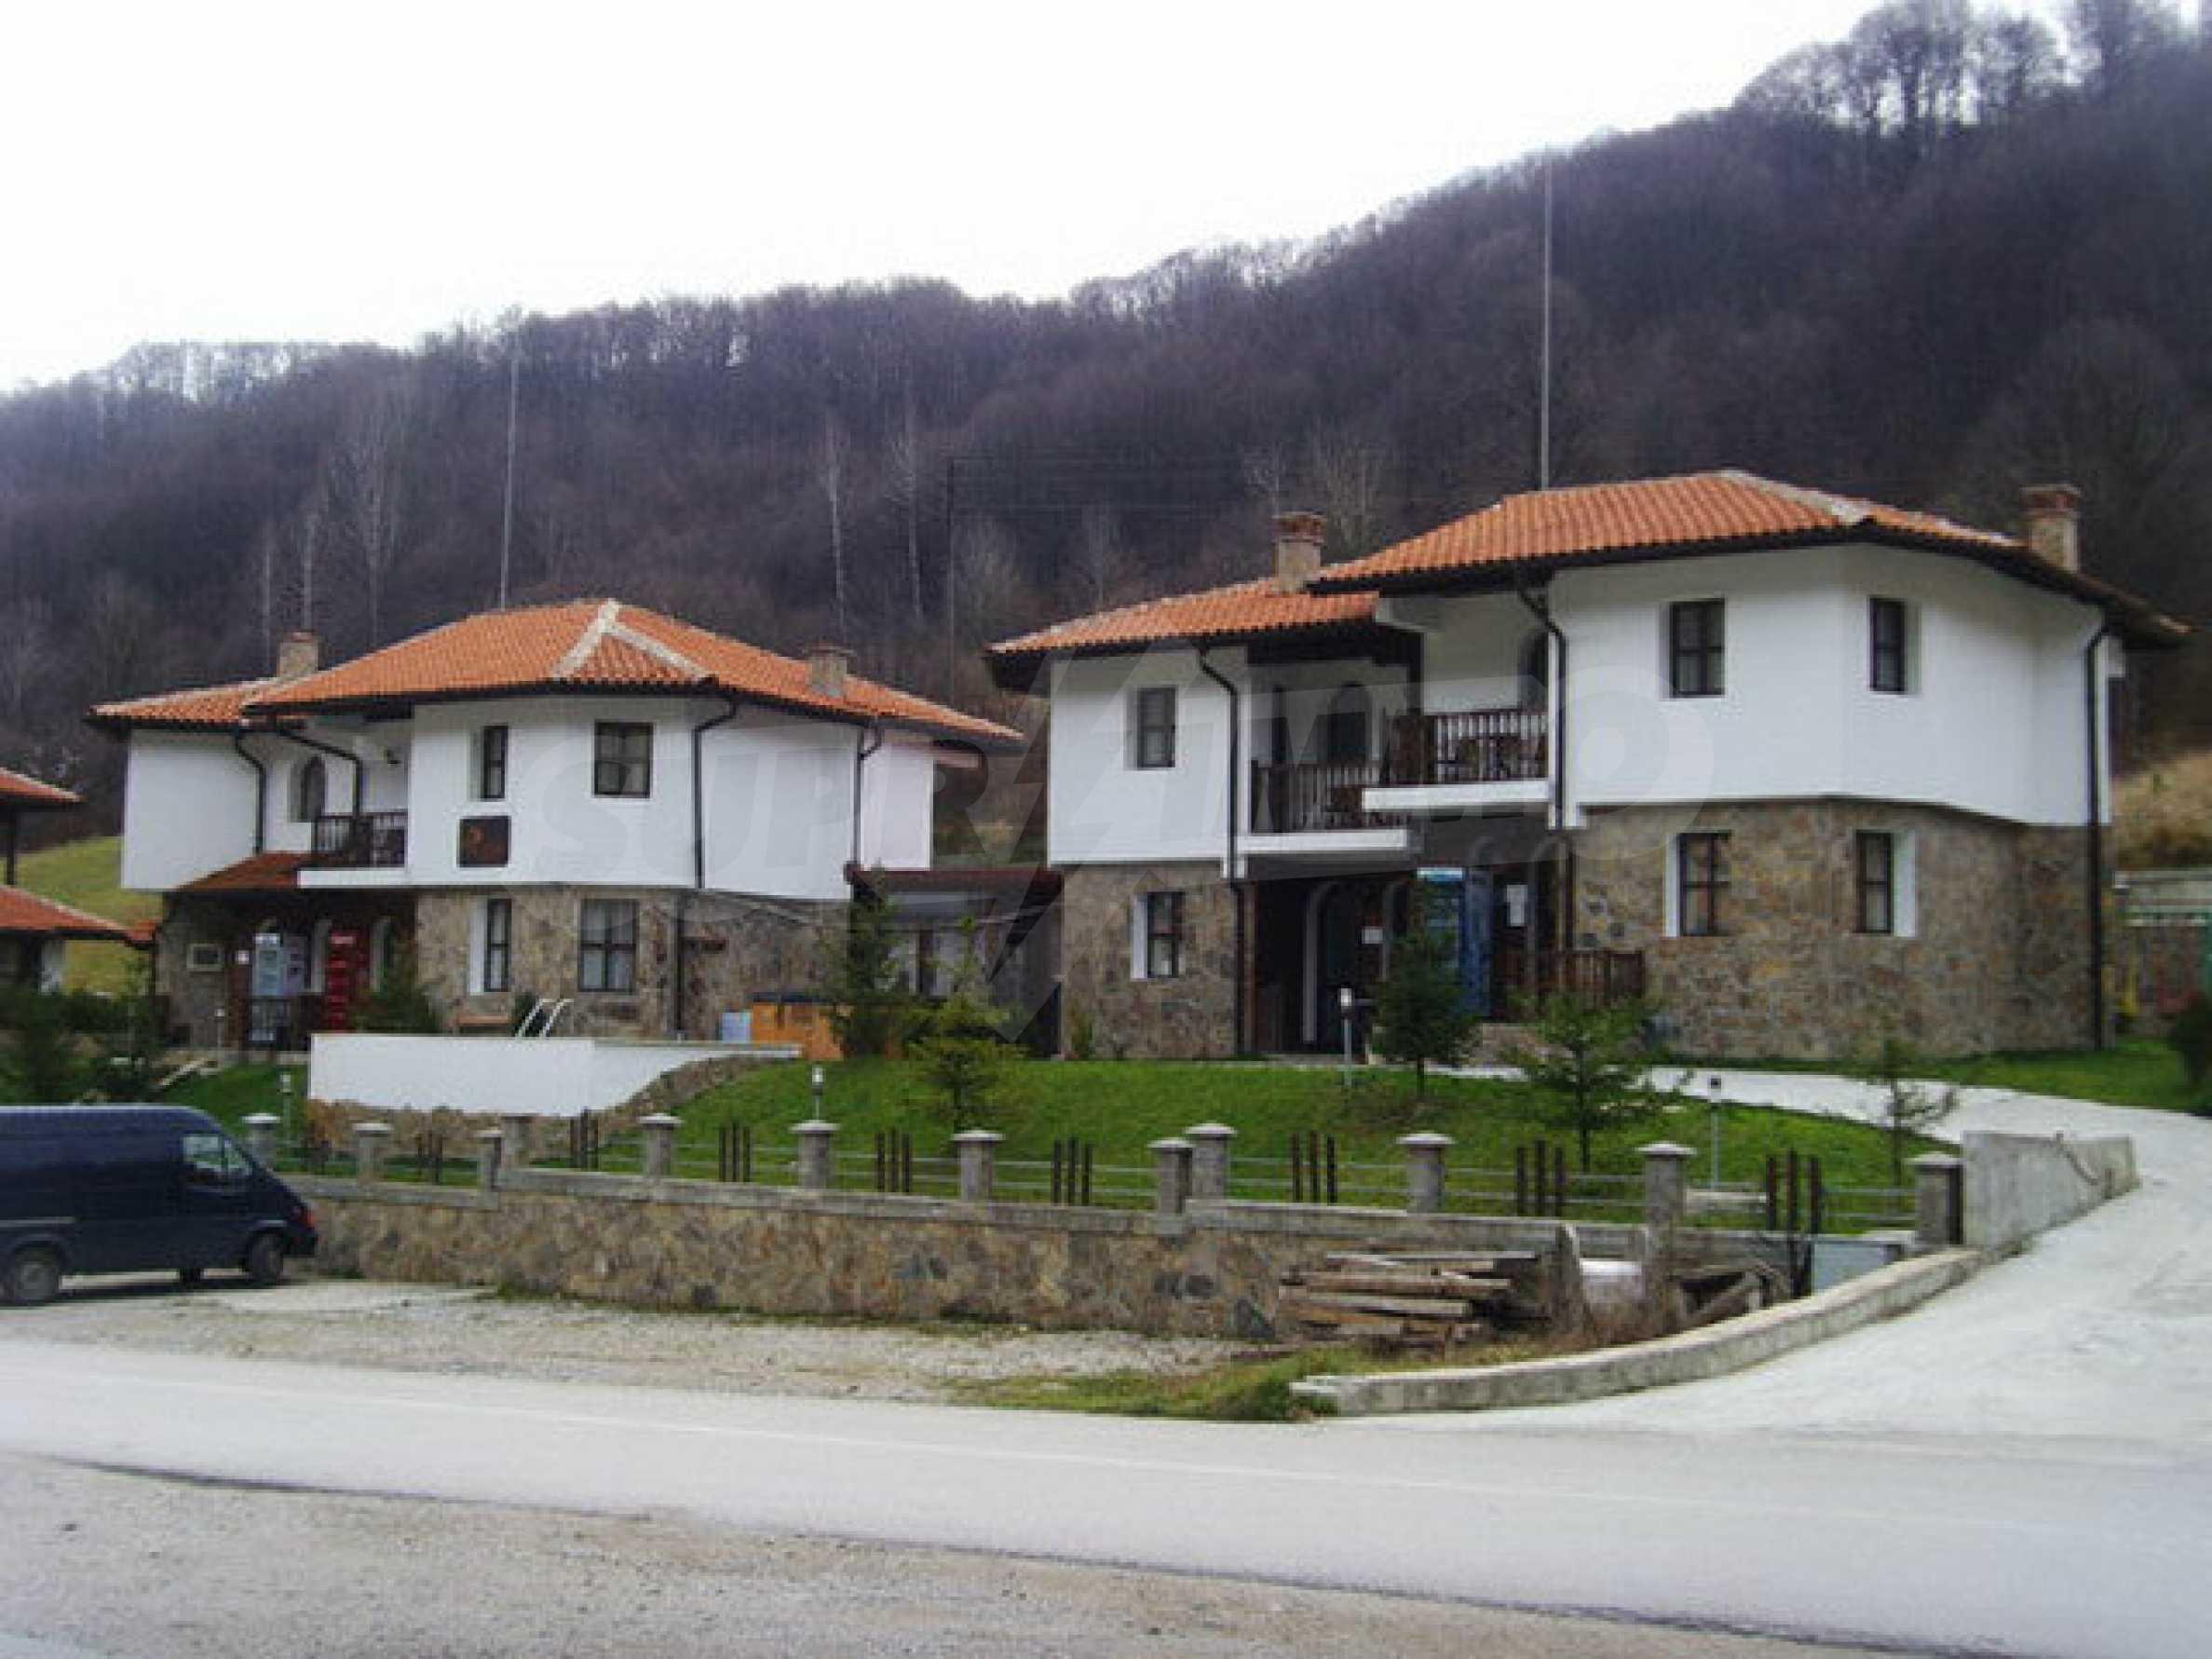 Два гостевых дома в престижном районе с горячими минеральными источниками вблизи  города Троян 32